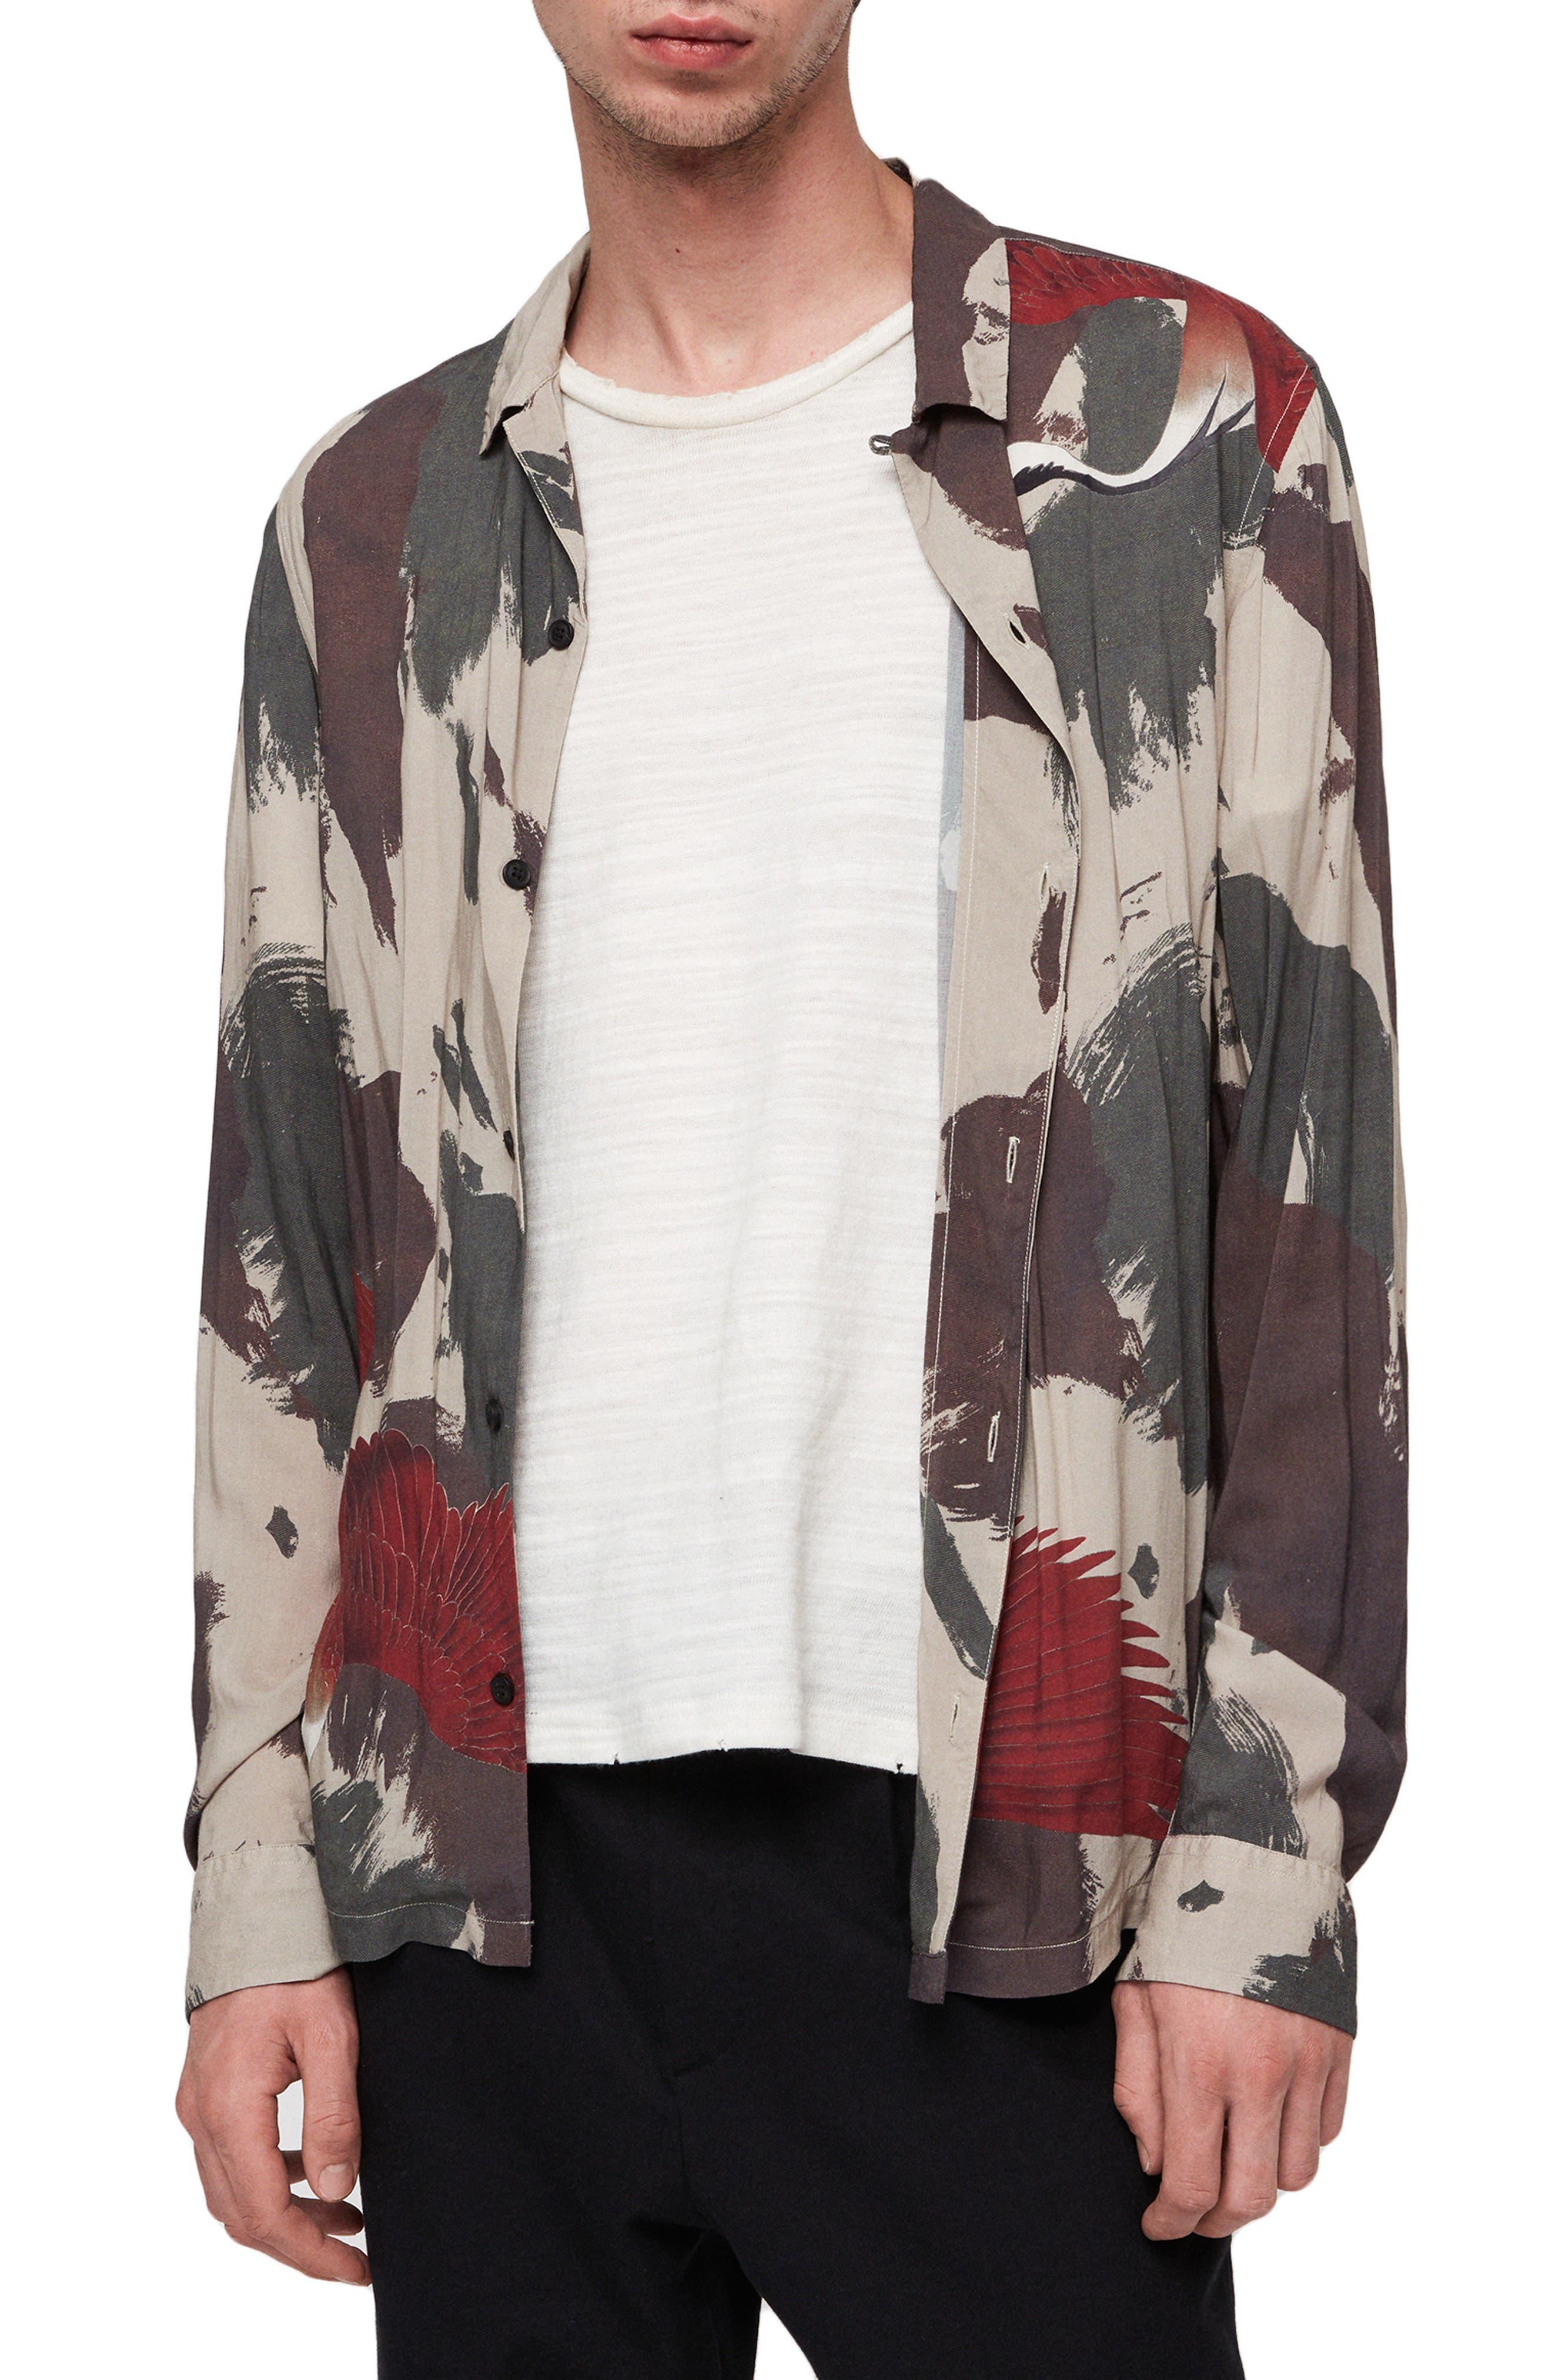 Lucerne Slim Fit Shirt,                             Main thumbnail 1, color,                             300